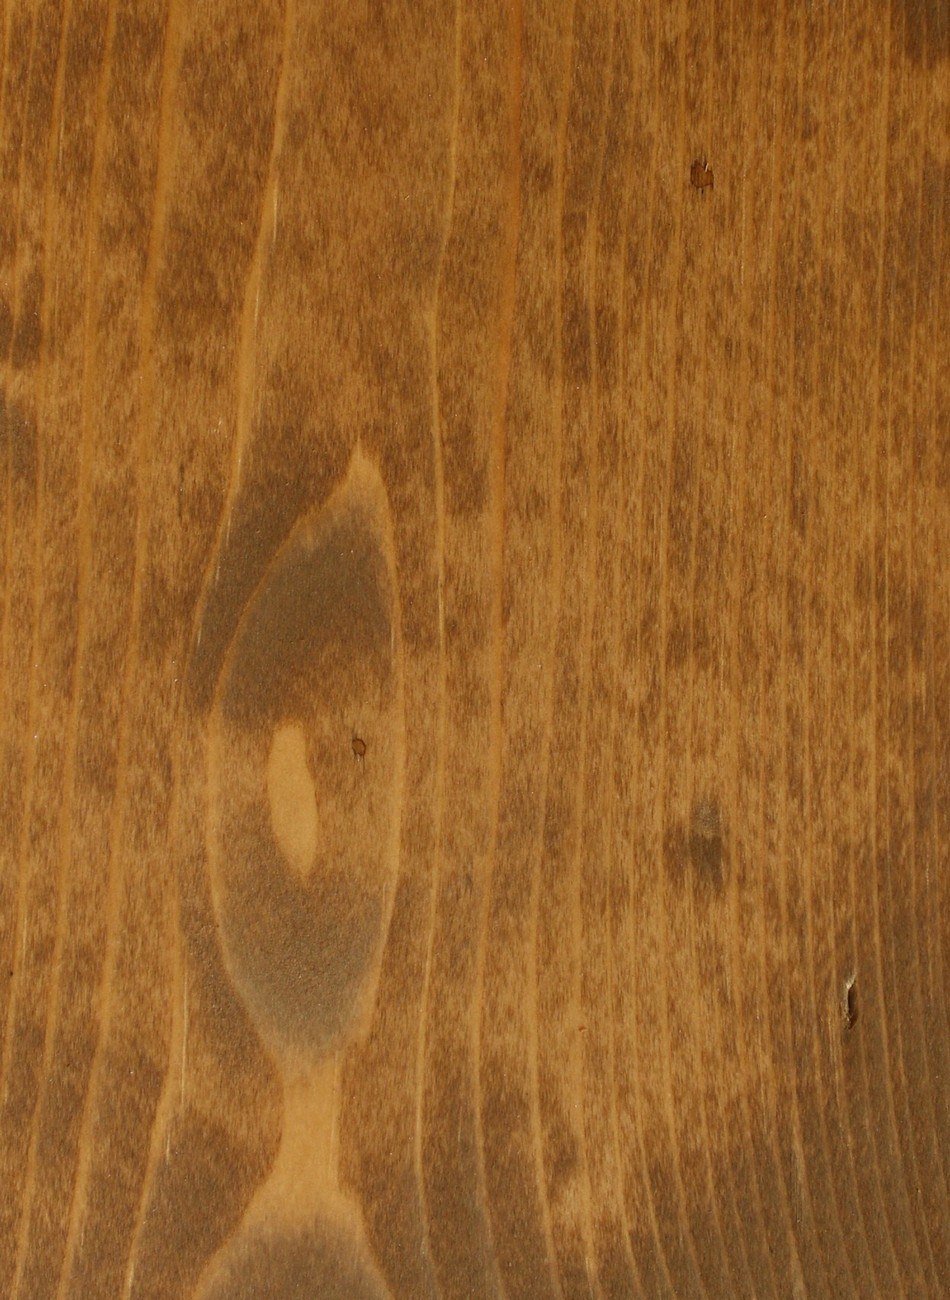 Colori Tetti Legno Lamellare i colori dell'impregnatura. - coperture in legno lamellare.